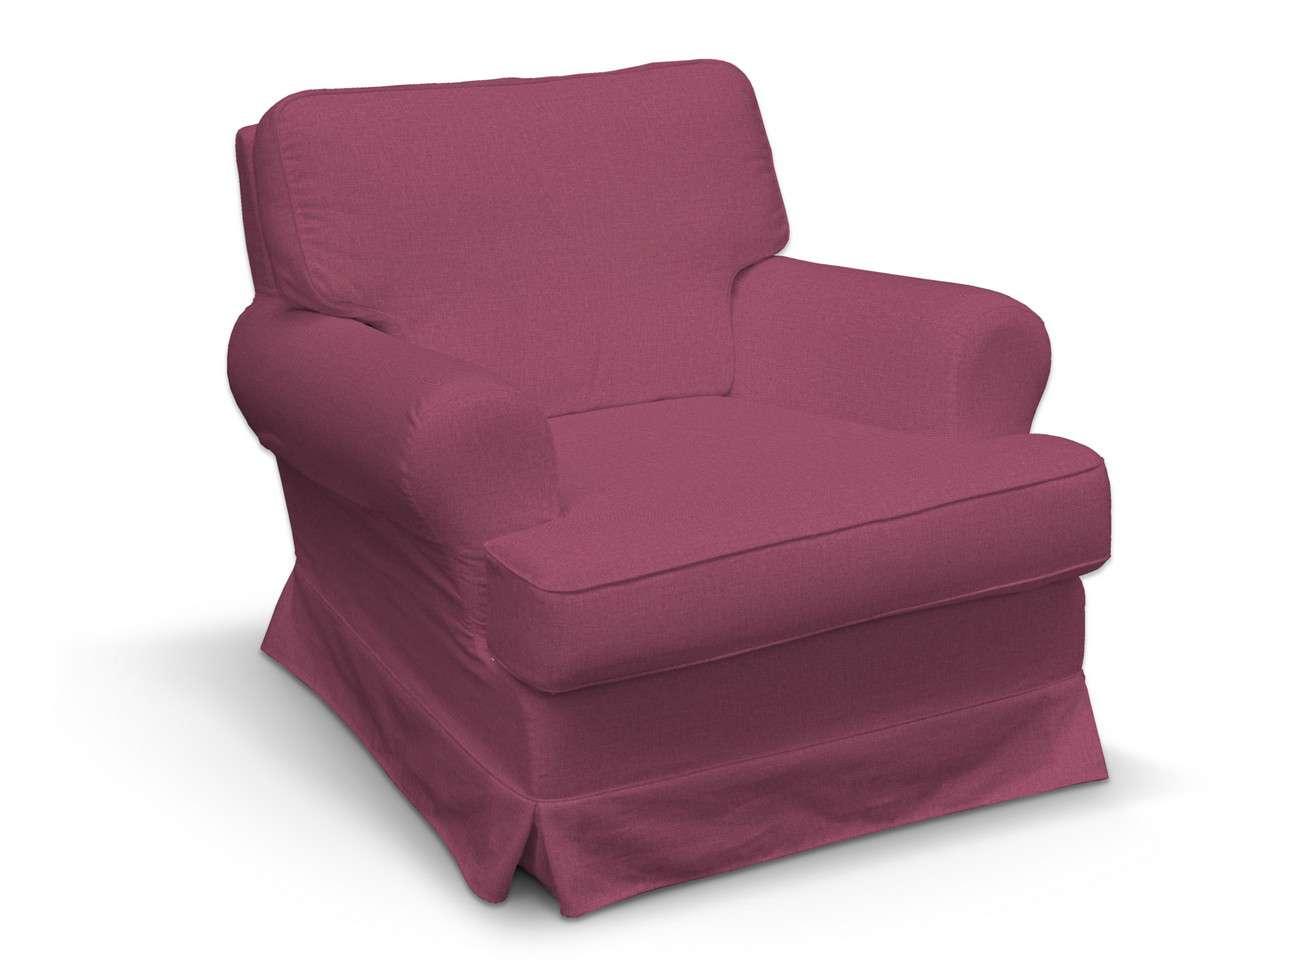 Bezug für Barkaby Sessel von der Kollektion Living, Stoff: 160-44